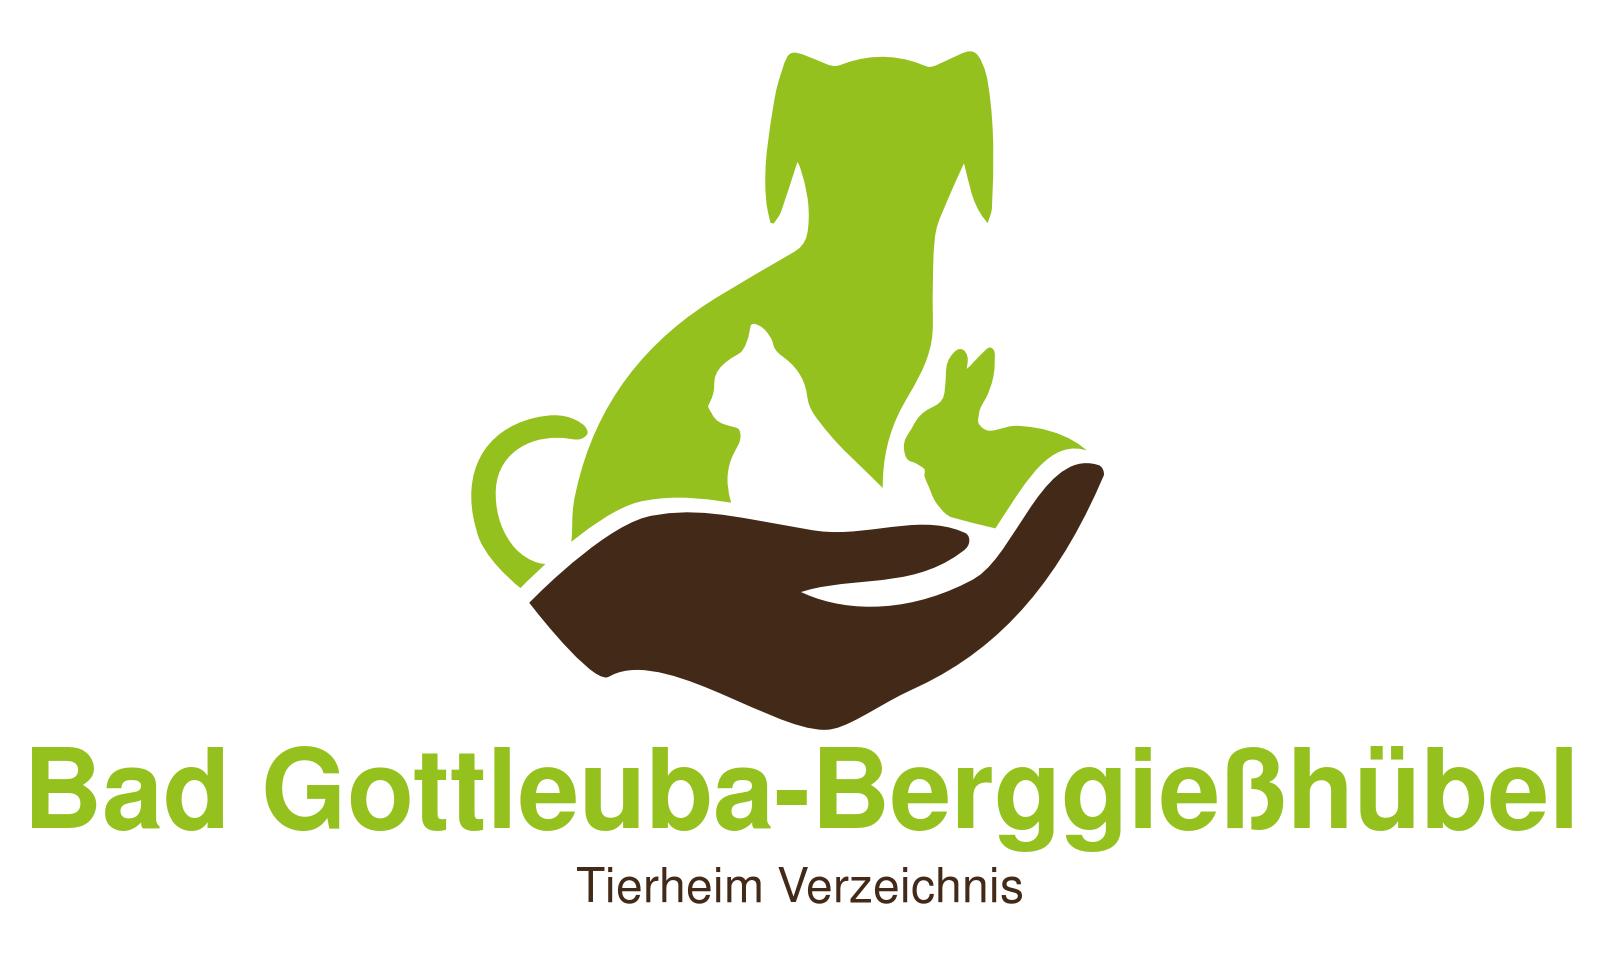 Tierheim Bad Gottleuba-Berggießhübel